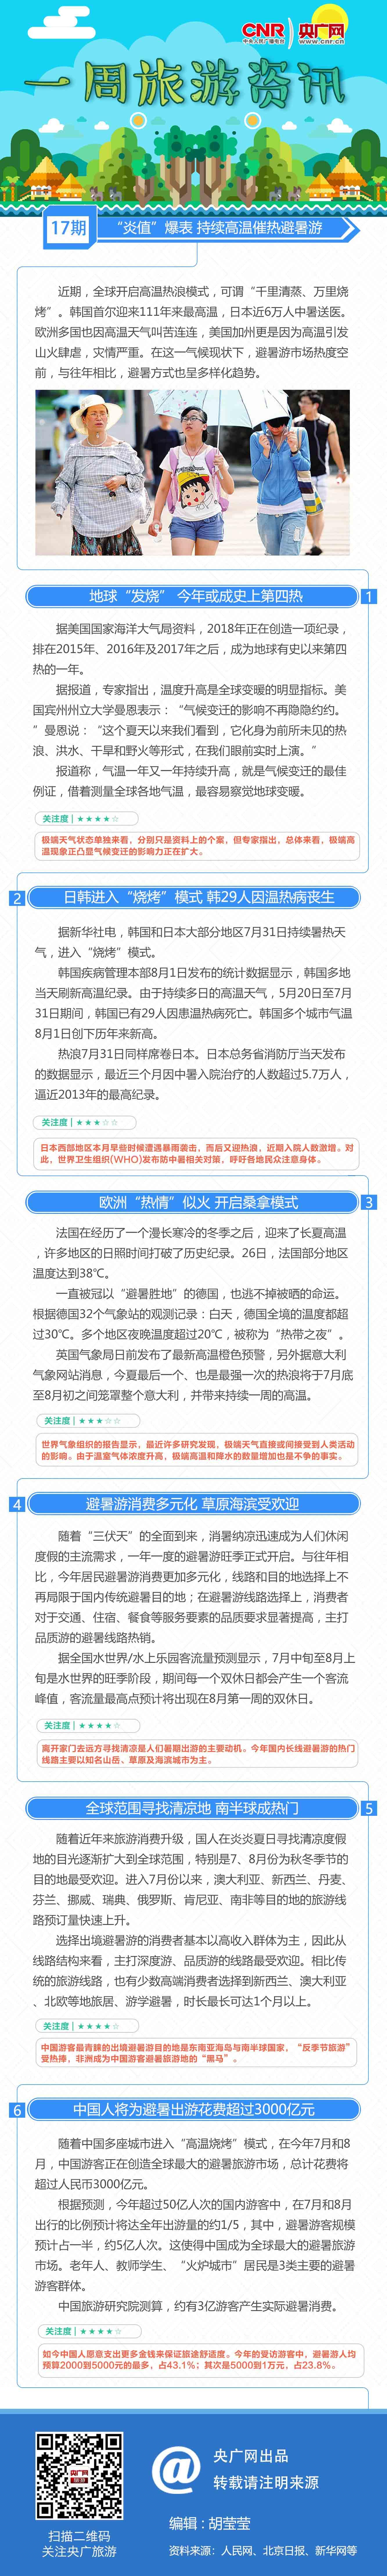 """一周旅游资讯:""""炎值""""爆表 持续高温催热避暑游"""